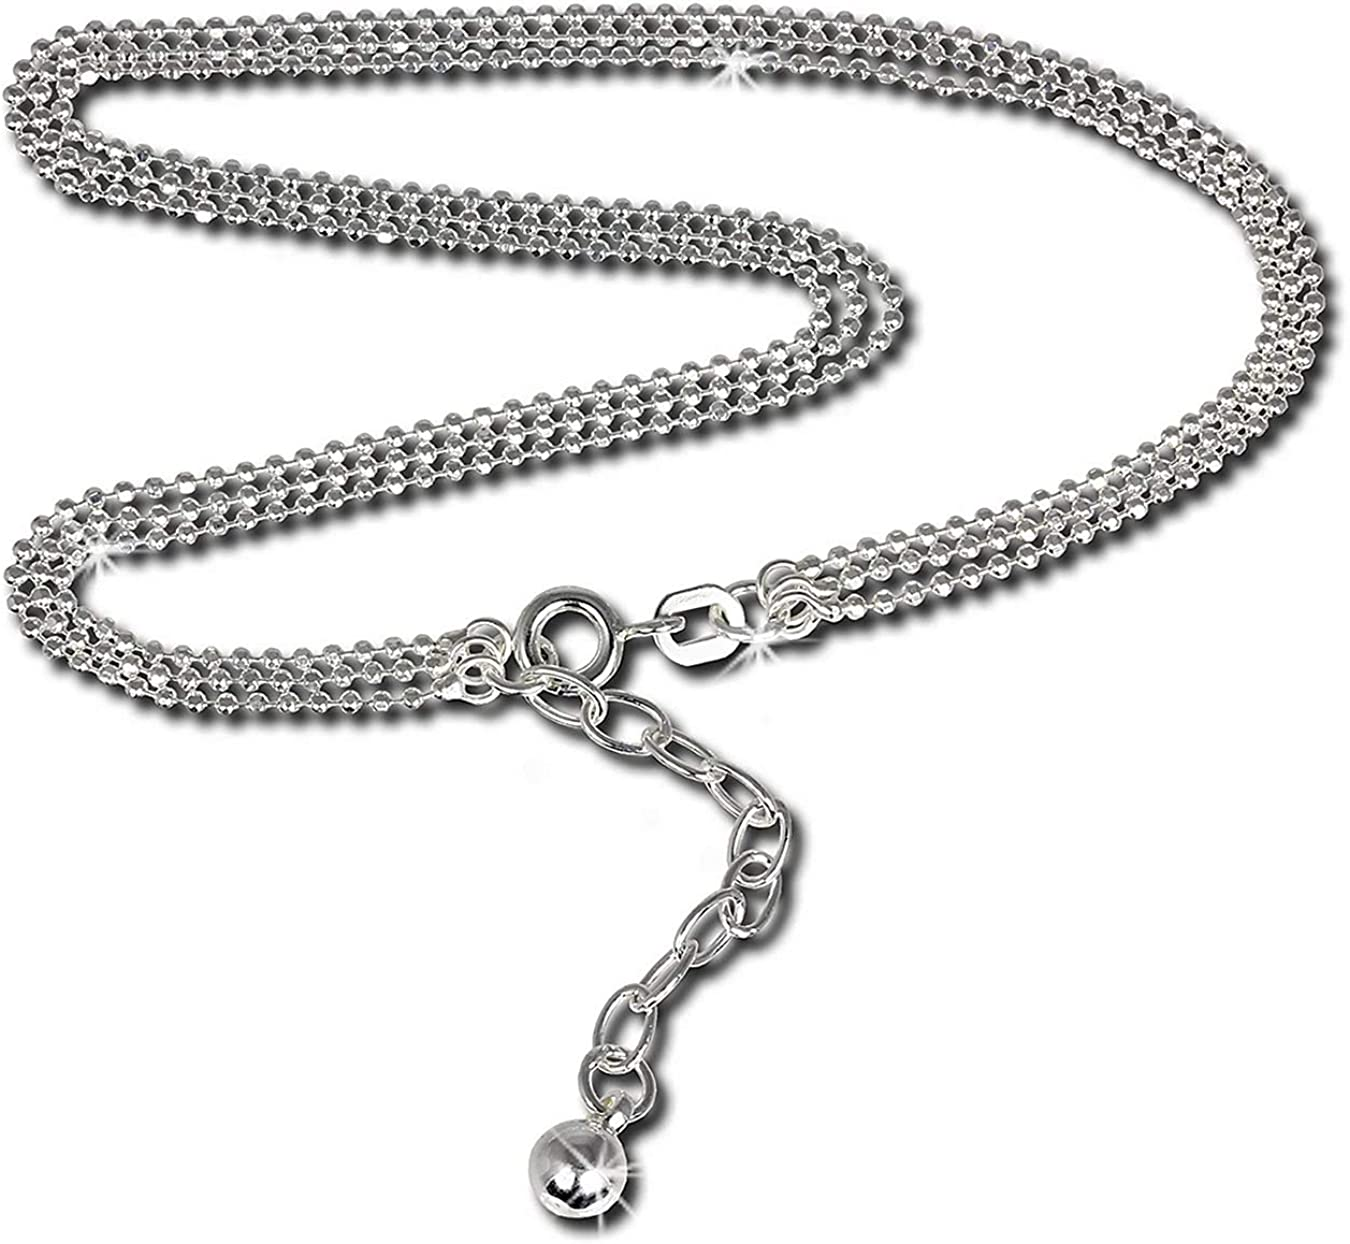 SilberDream verschiedene Designs Fußketten 25cm bis 27cm 925er Silber SDF0992JX